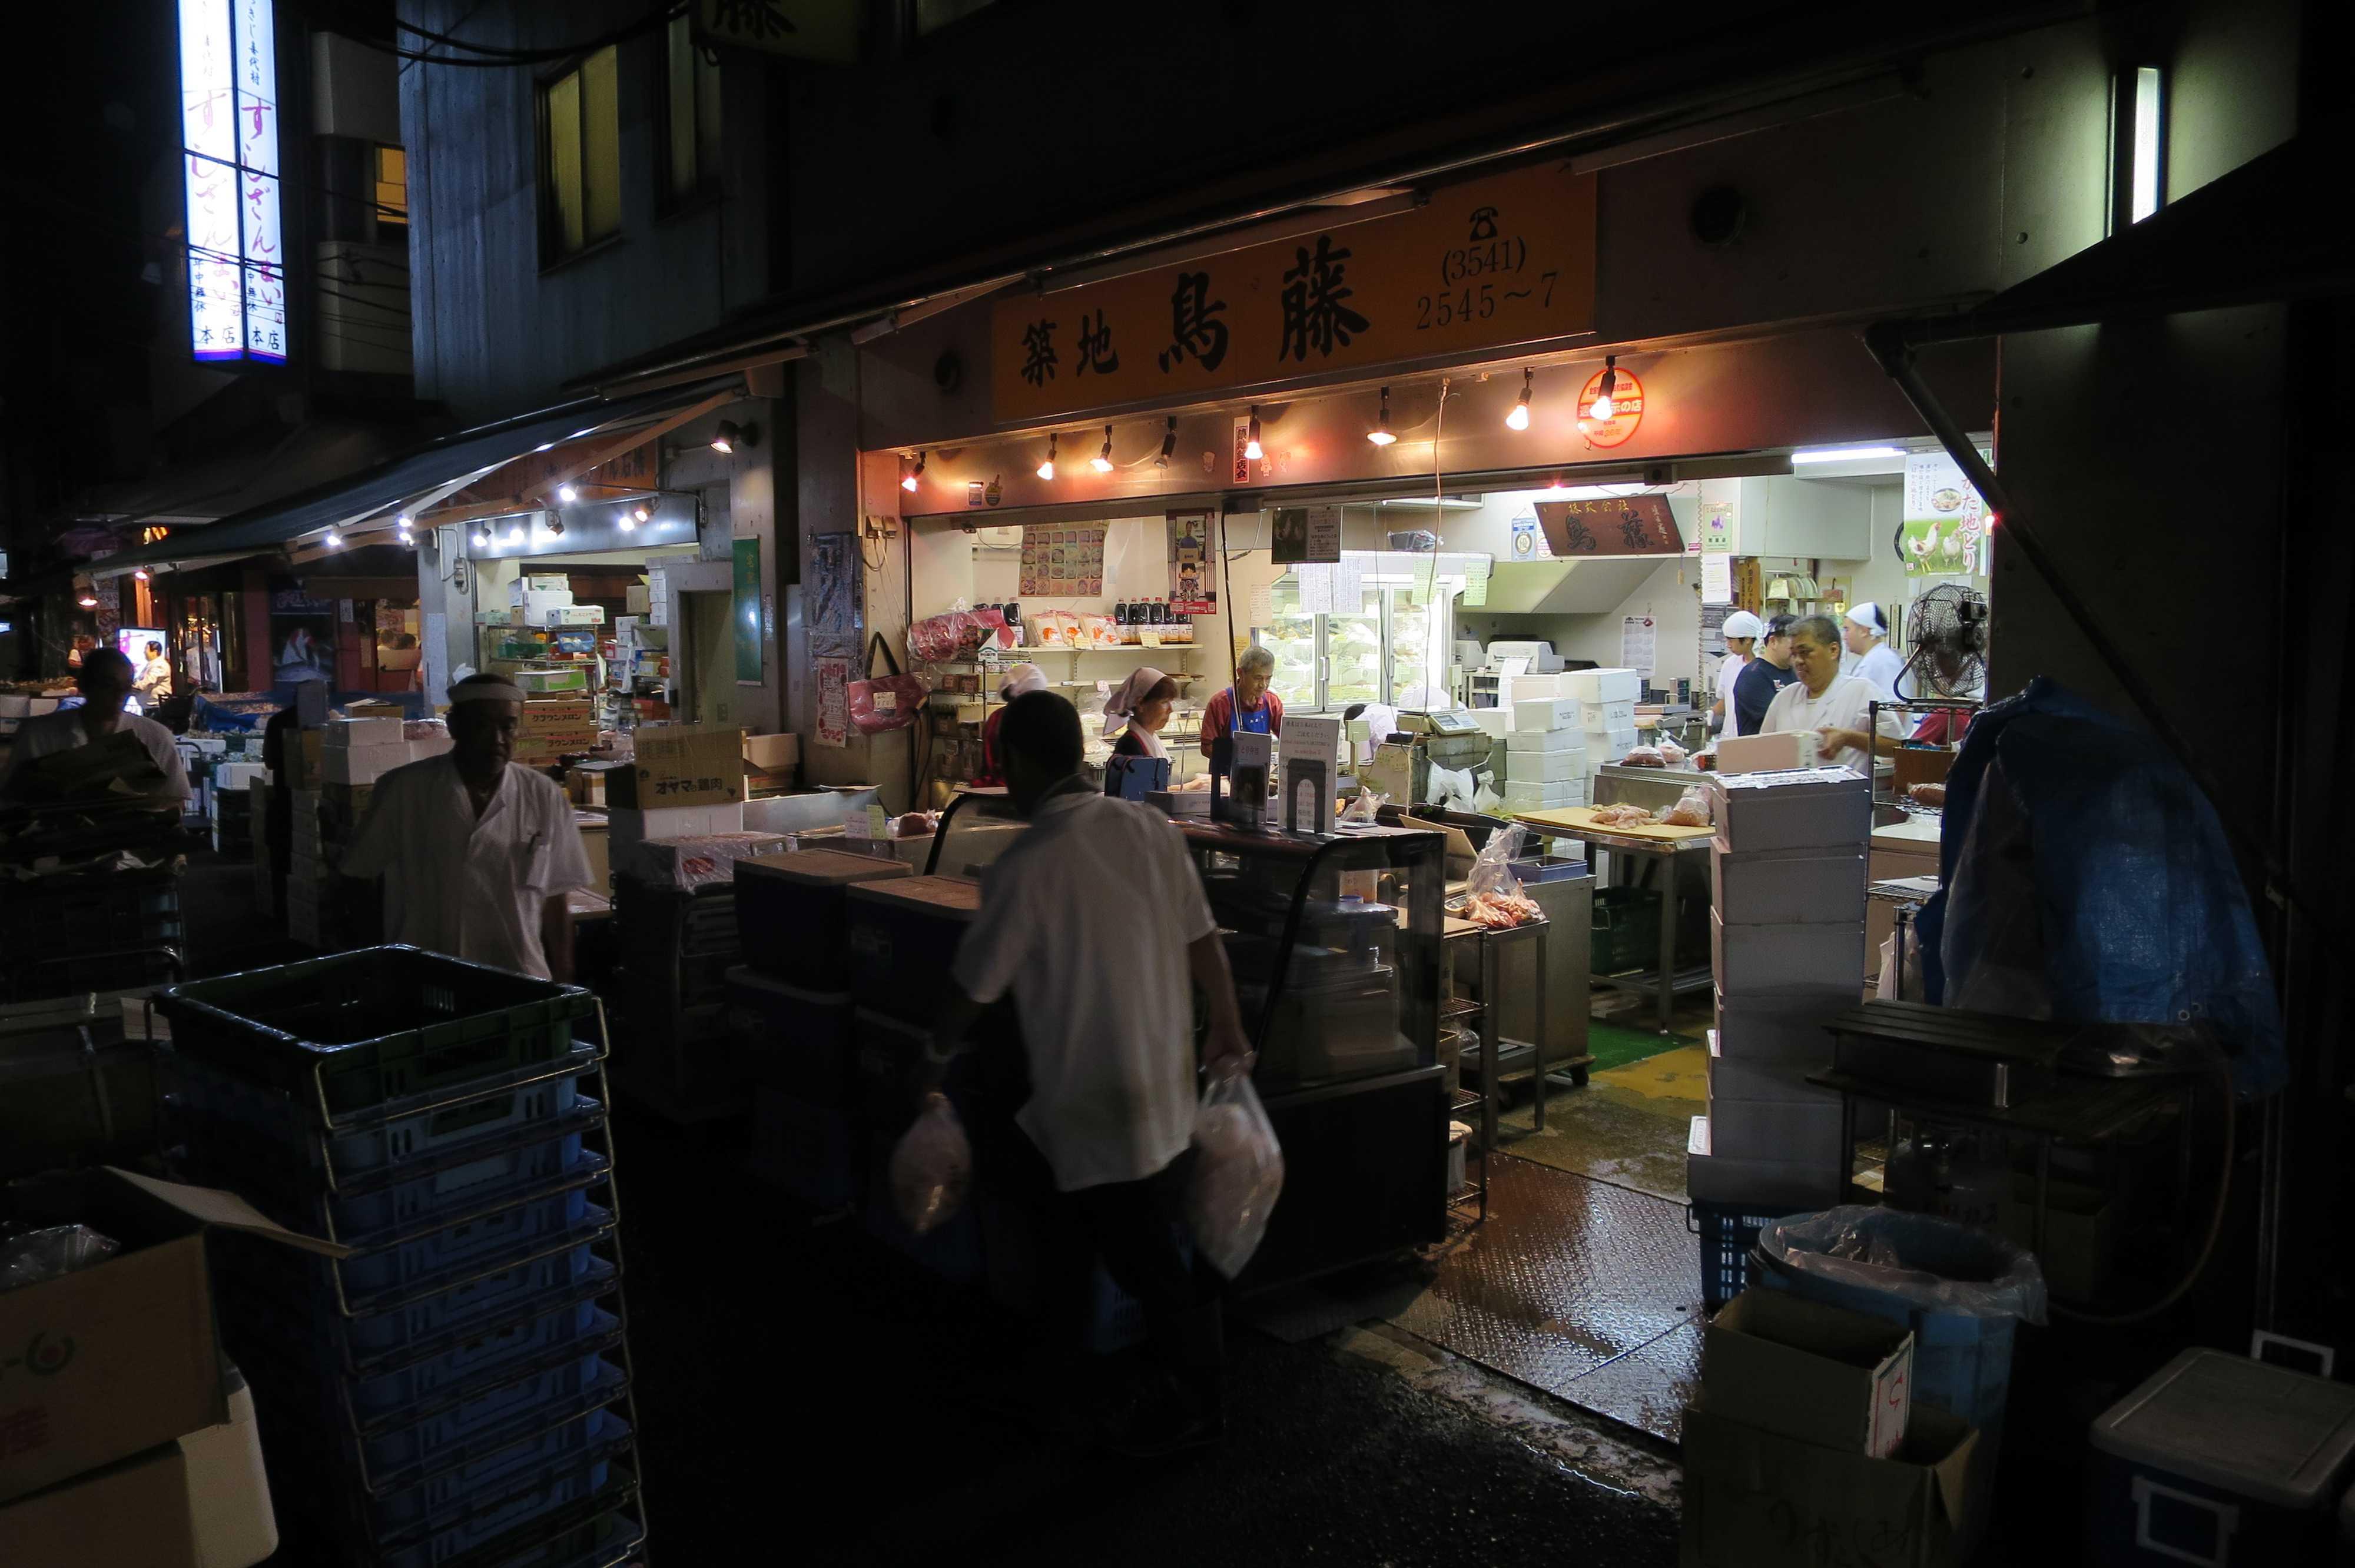 築地場外市場 - 鶏肉屋さん